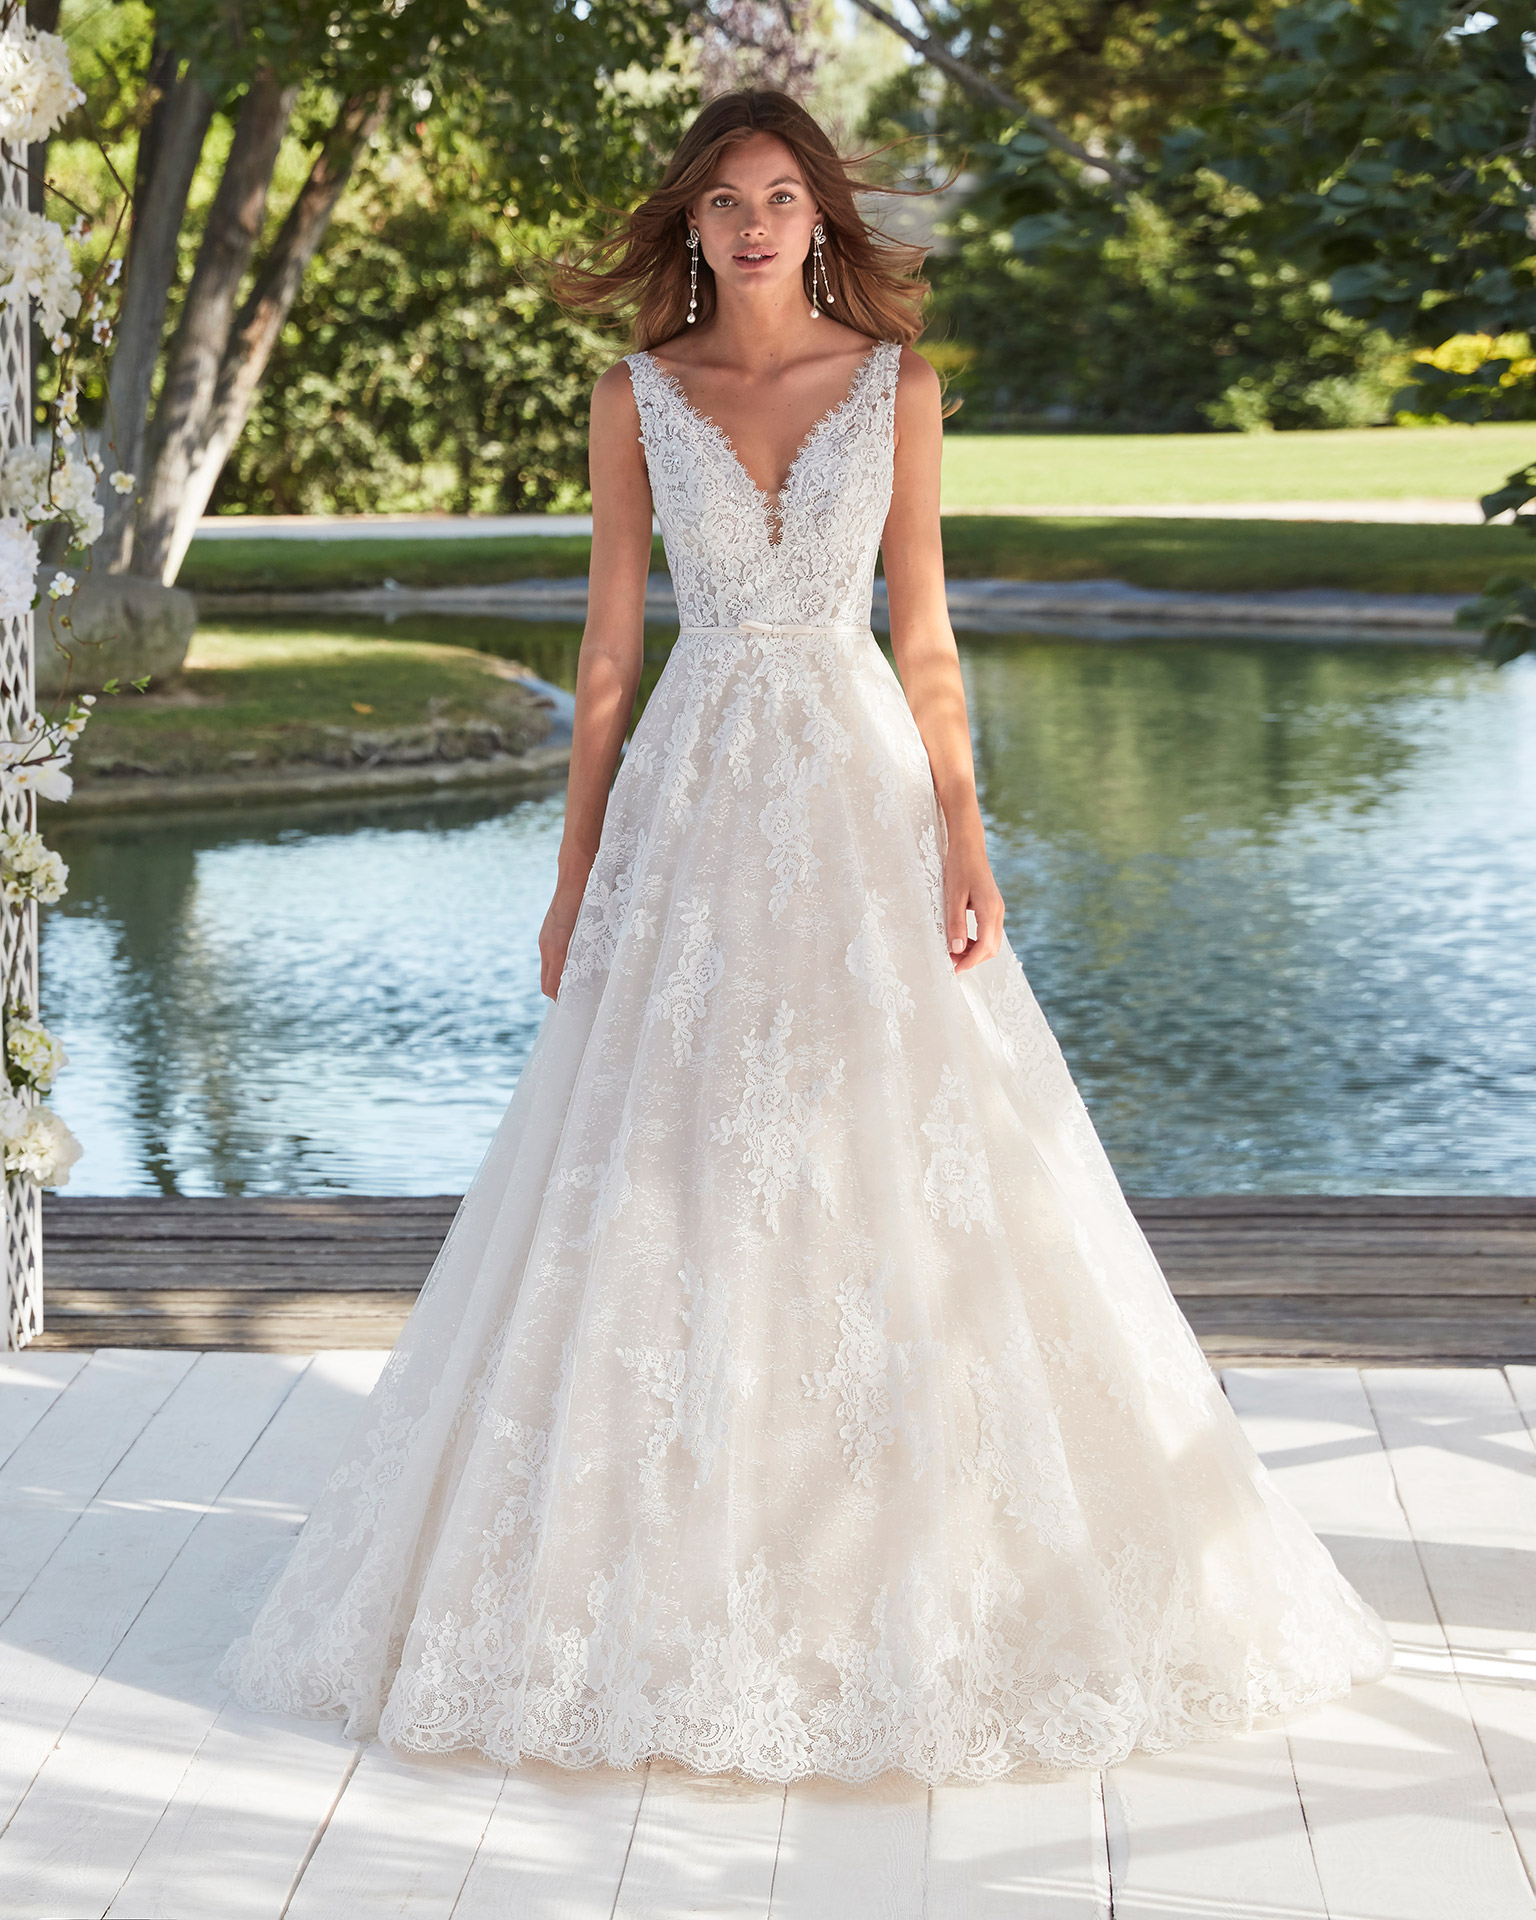 Celes Bridal 2021 Aire Royale Collection